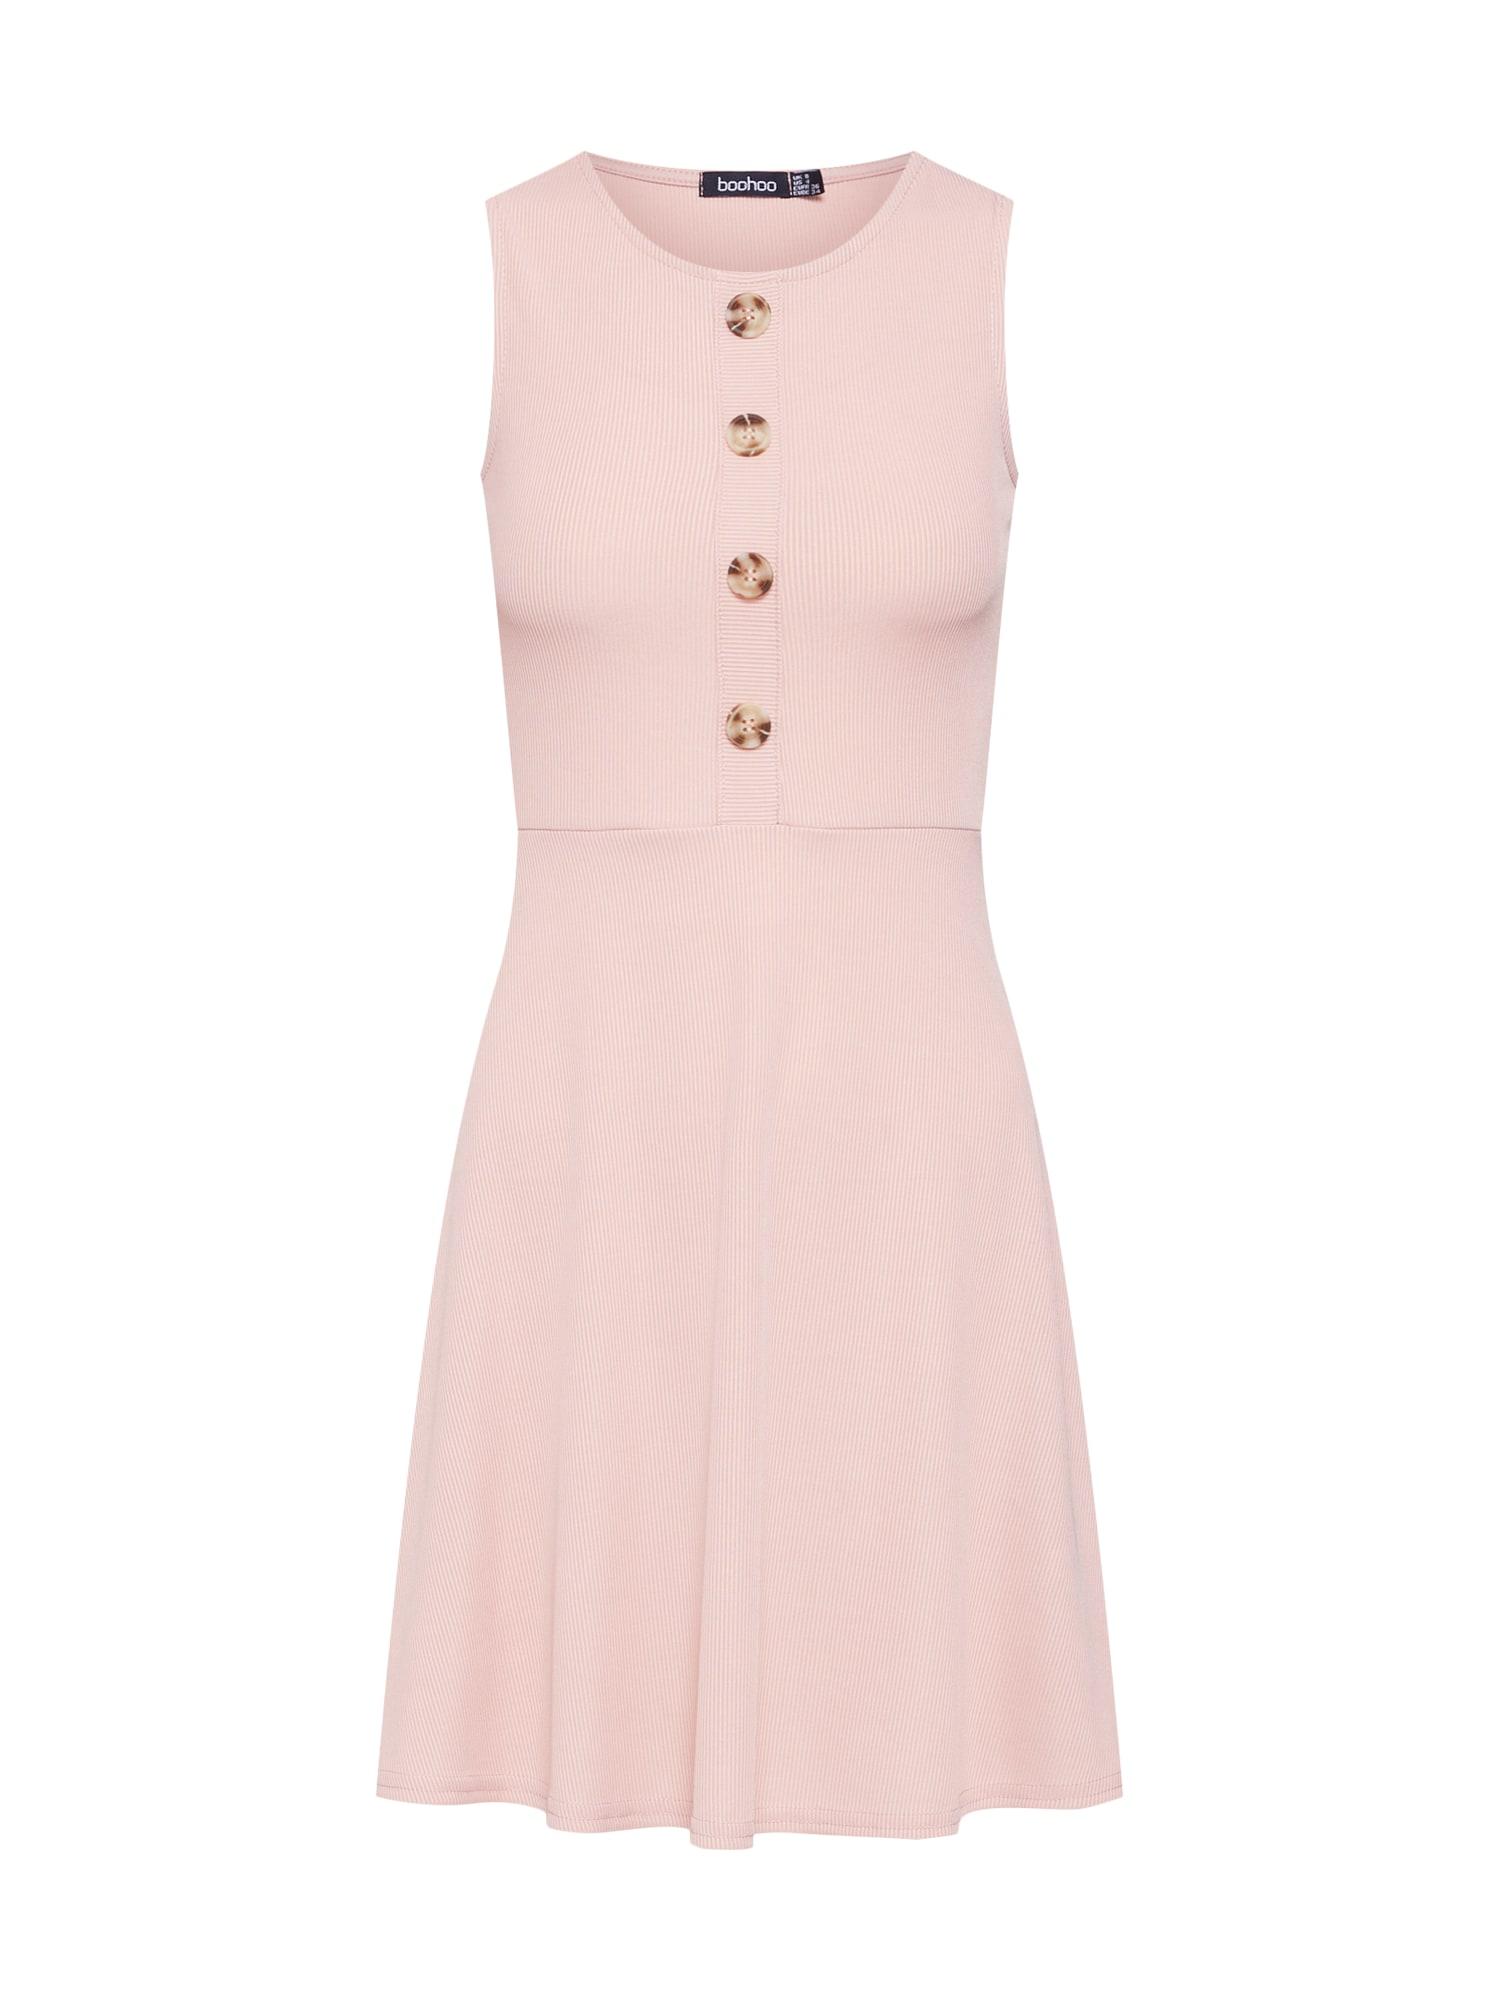 Letní šaty Ribbed Skater růžová Boohoo